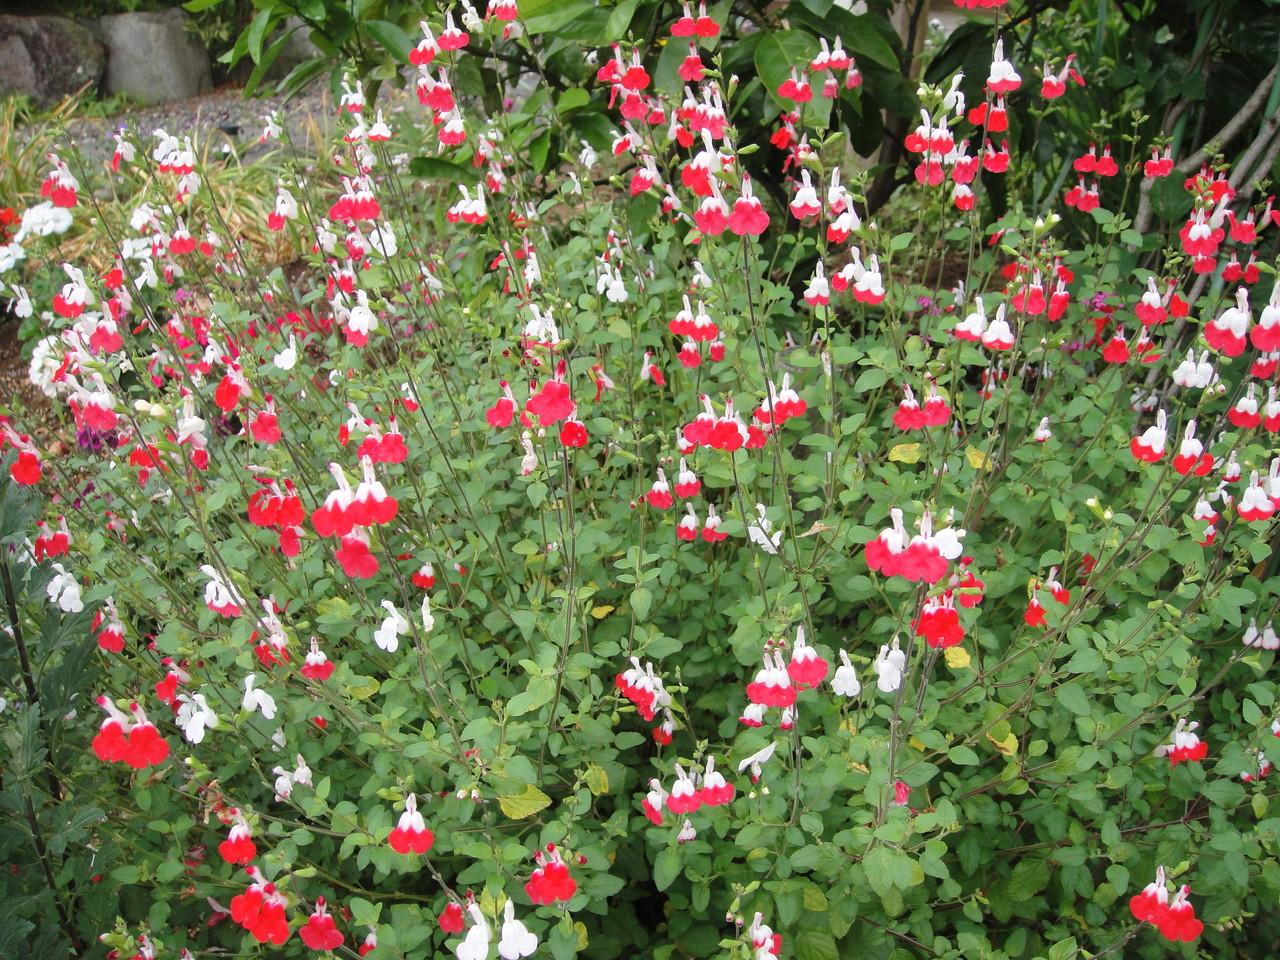 目の覚めるようなチェリー紅白の花、花も葉も甘くすばらしい香り、朝からうっとりしちゃいました。